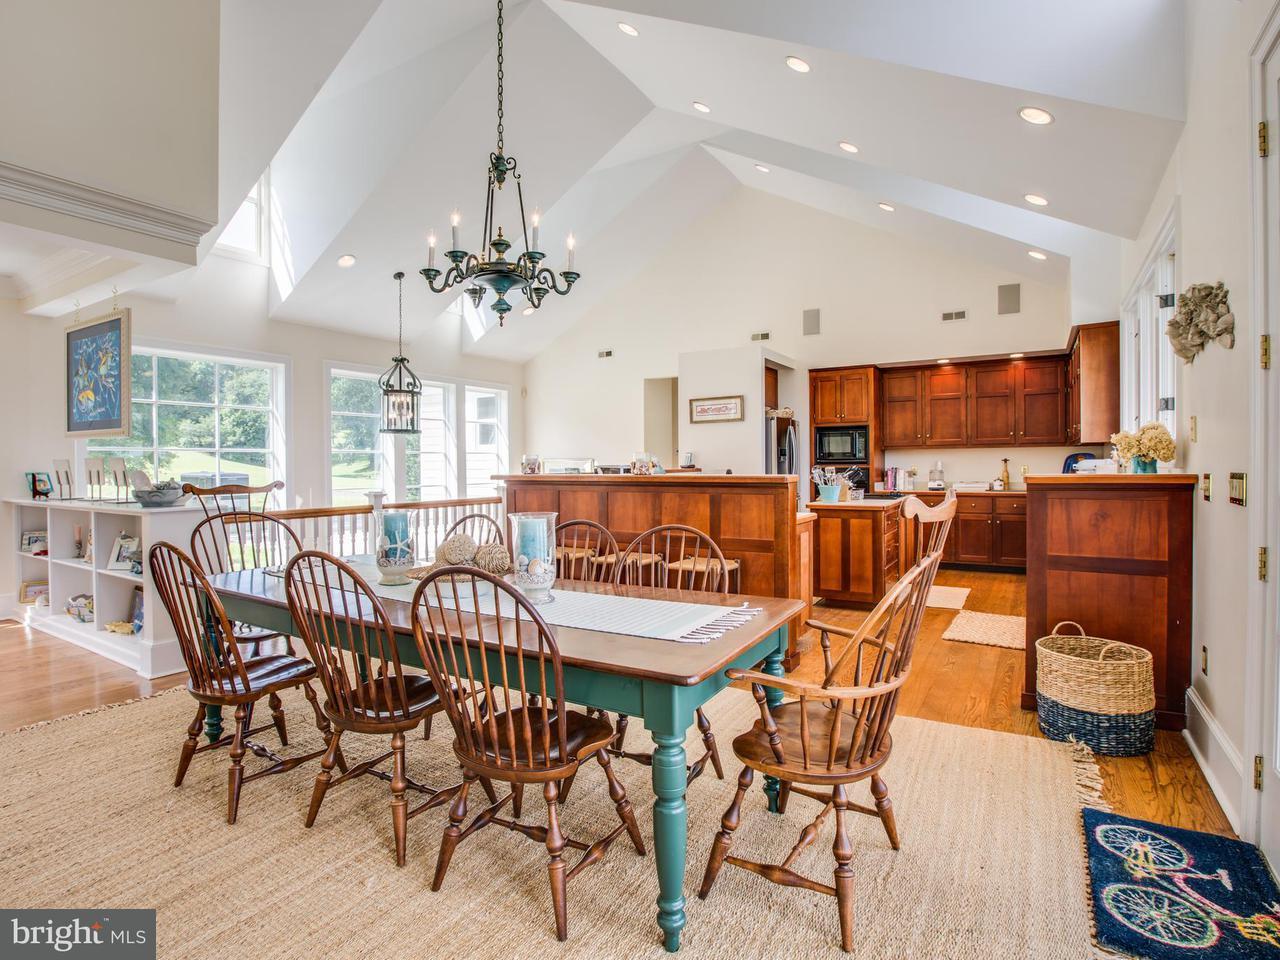 Additional photo for property listing at 2635 Lynn Allen Road 2635 Lynn Allen Road King George, Βιρτζινια 22485 Ηνωμενεσ Πολιτειεσ